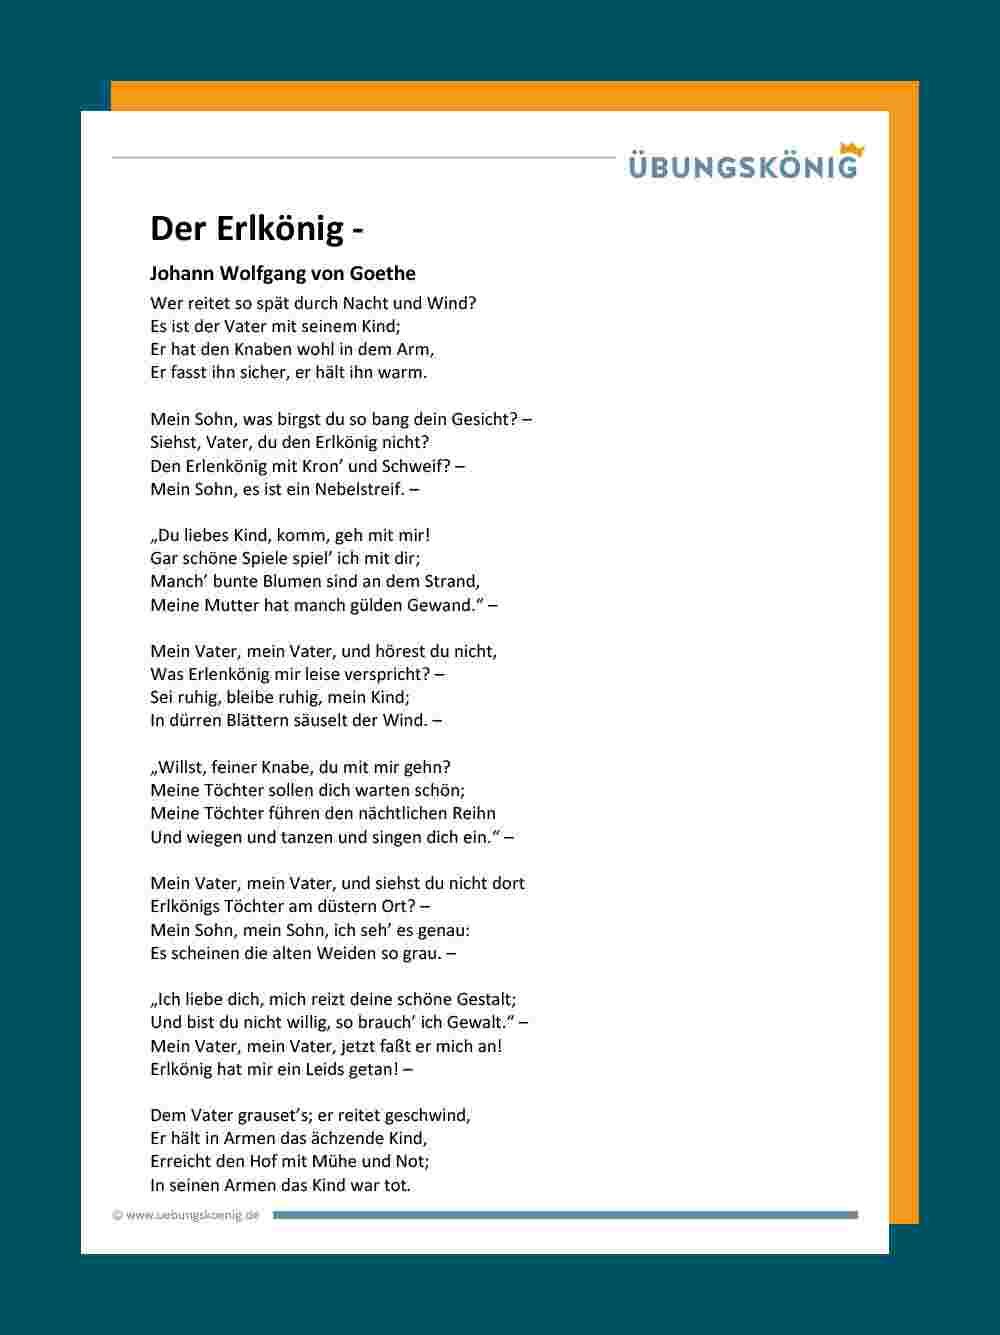 Der Erlkönig - Johann Wolfgang Von Goethe mit Gedichte Zum Auswendig Lernen 5 Klasse